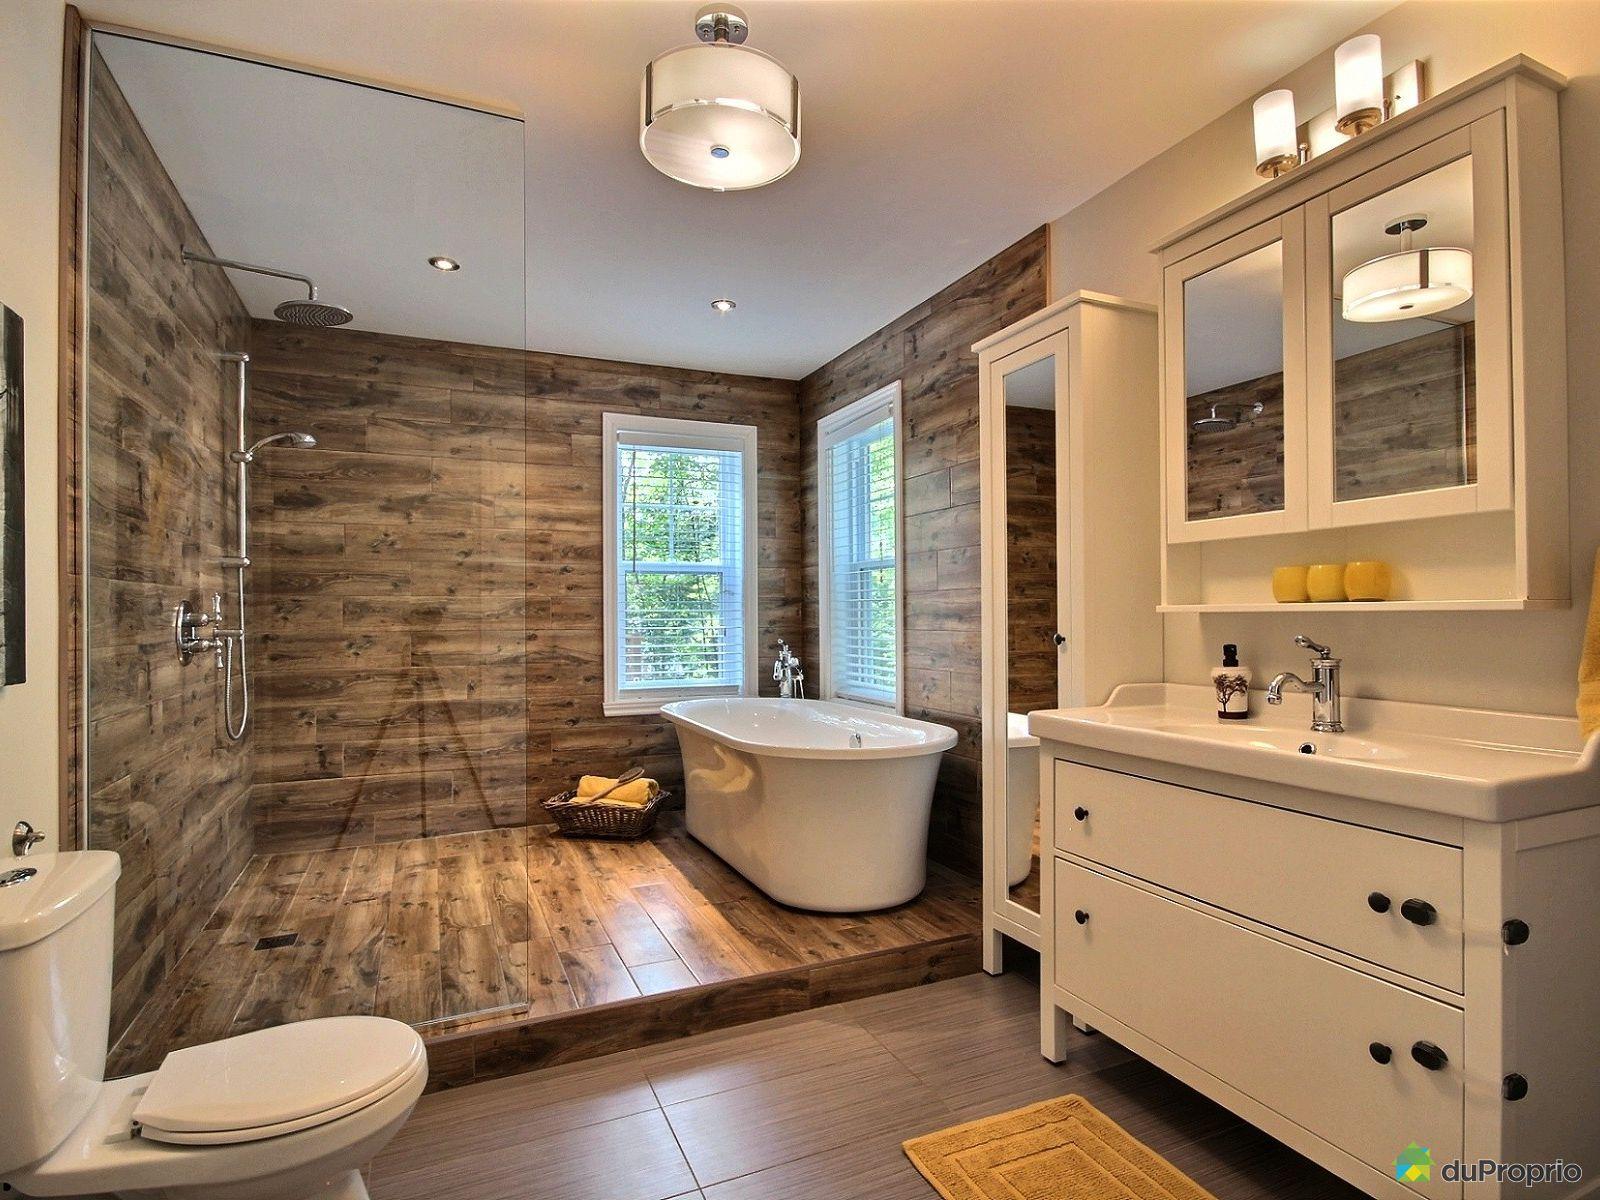 Maison vendre st j r me 1201 rue saint camille for Accessoire salle de bain st jerome